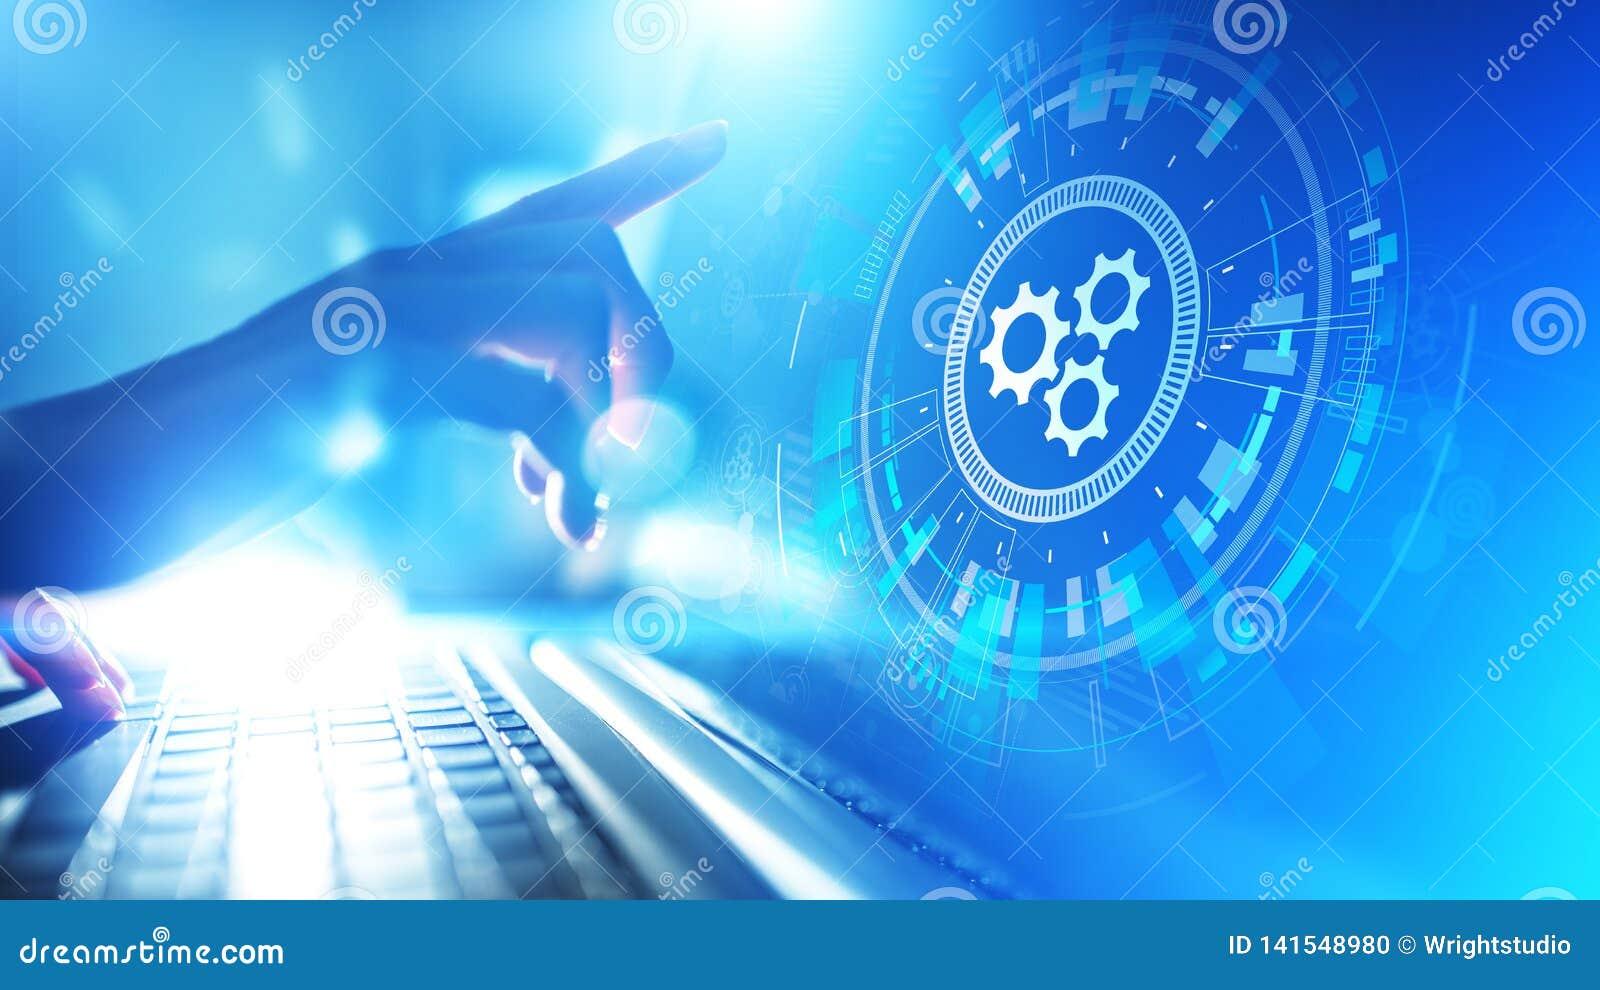 Оптимизирование потока операций автоматизации, дела и производственного процесса, концепция разработки программного обеспечения н